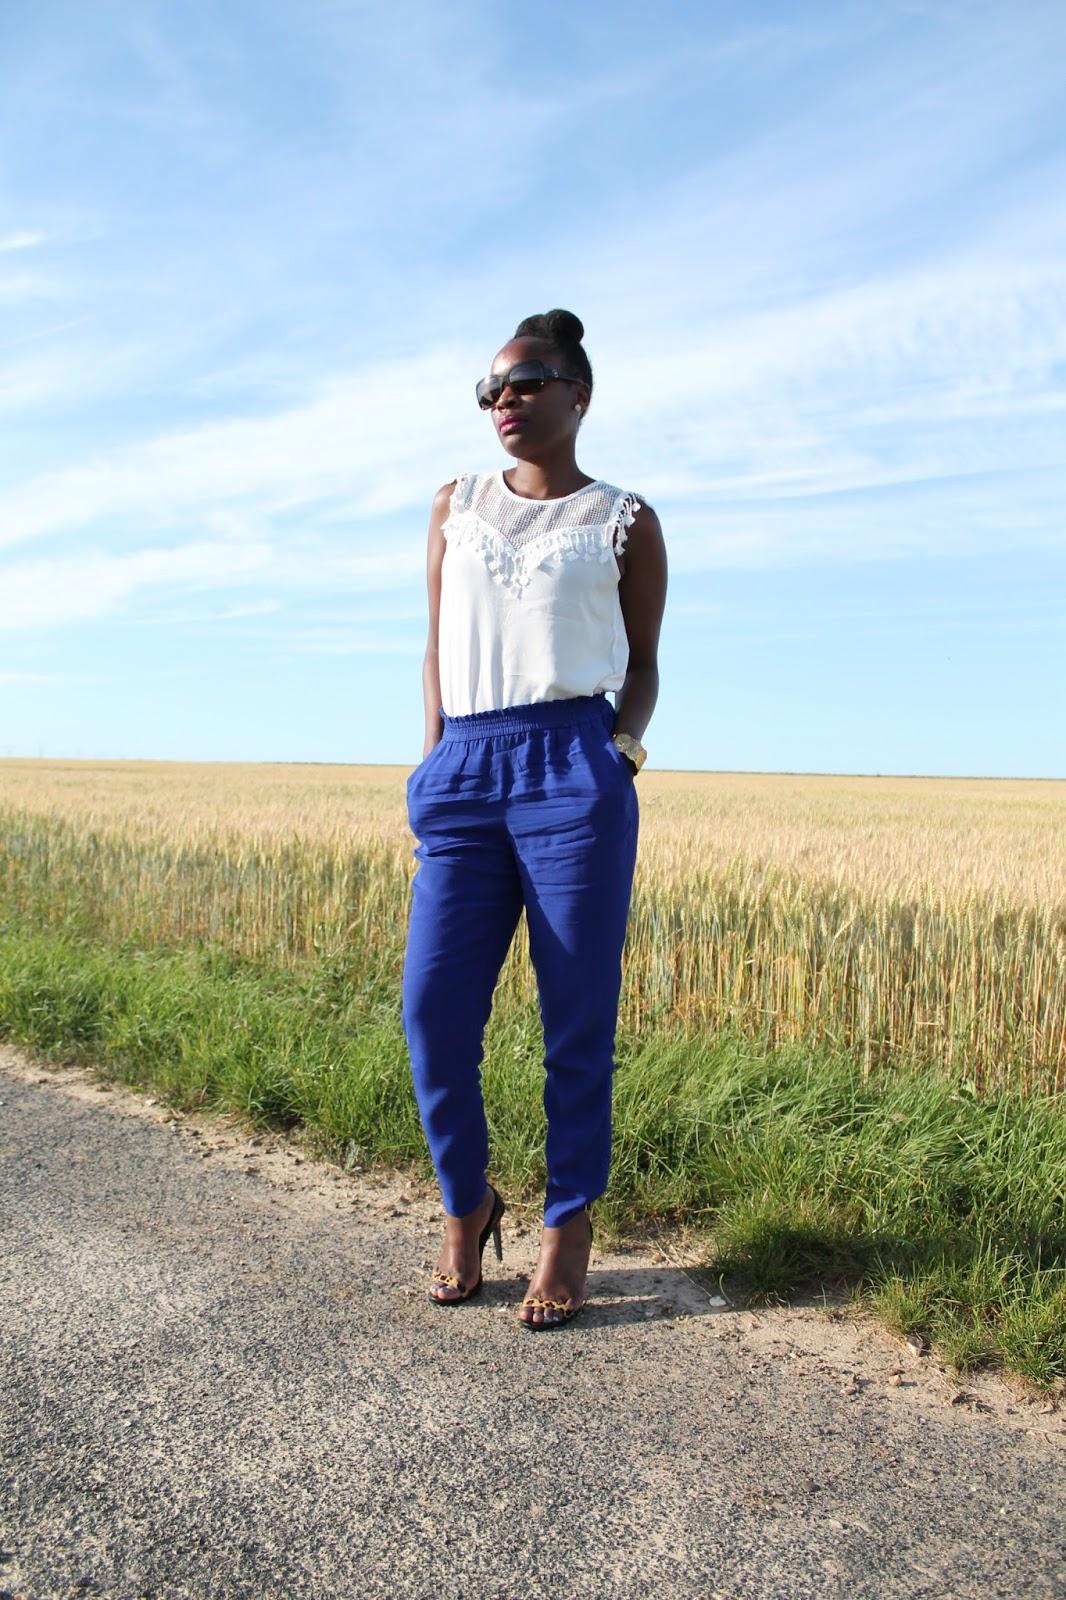 blogmode-blogbeauté-fashionbloggeur-hype-weddingoutfit-tenuedemariage-lafillefauchee